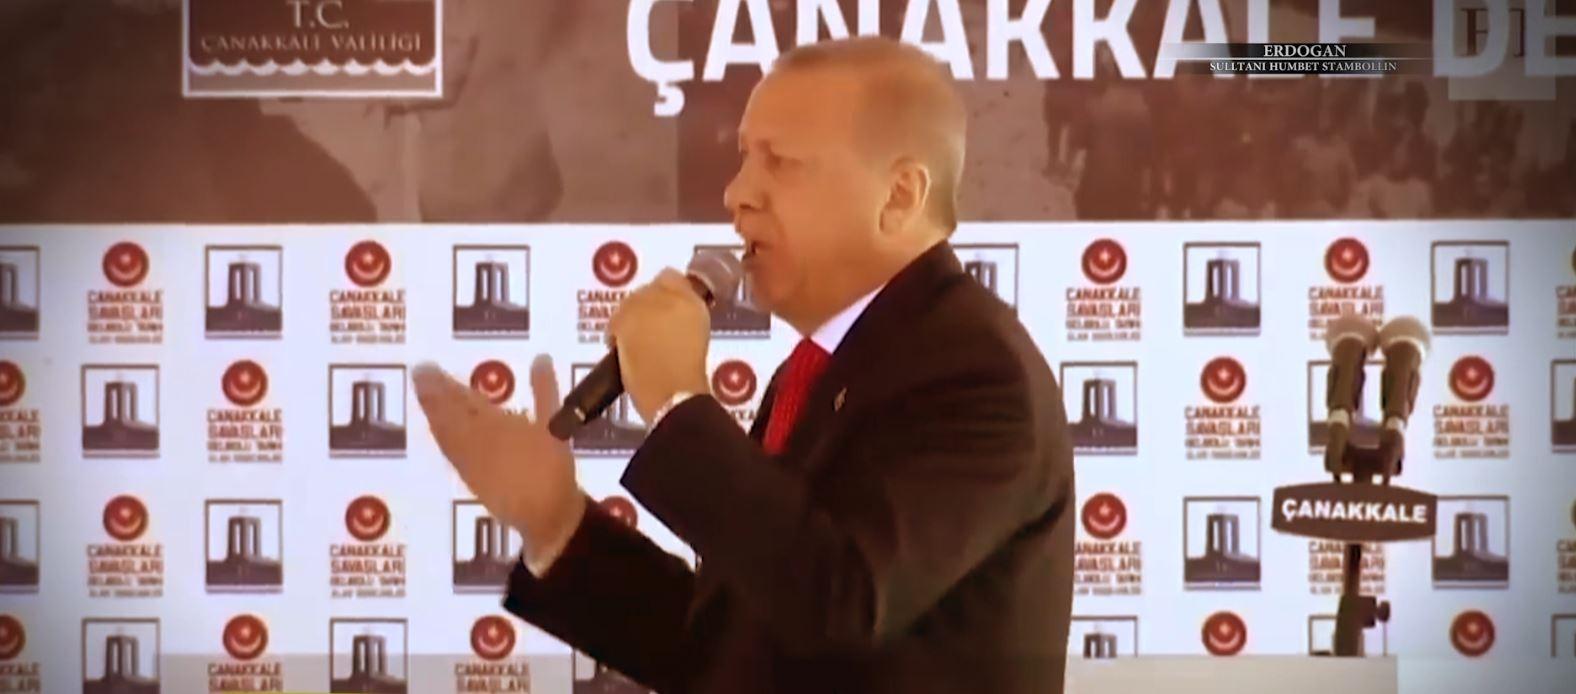 Këshilli elektoral turk rrezon kërkesën e Erdogan